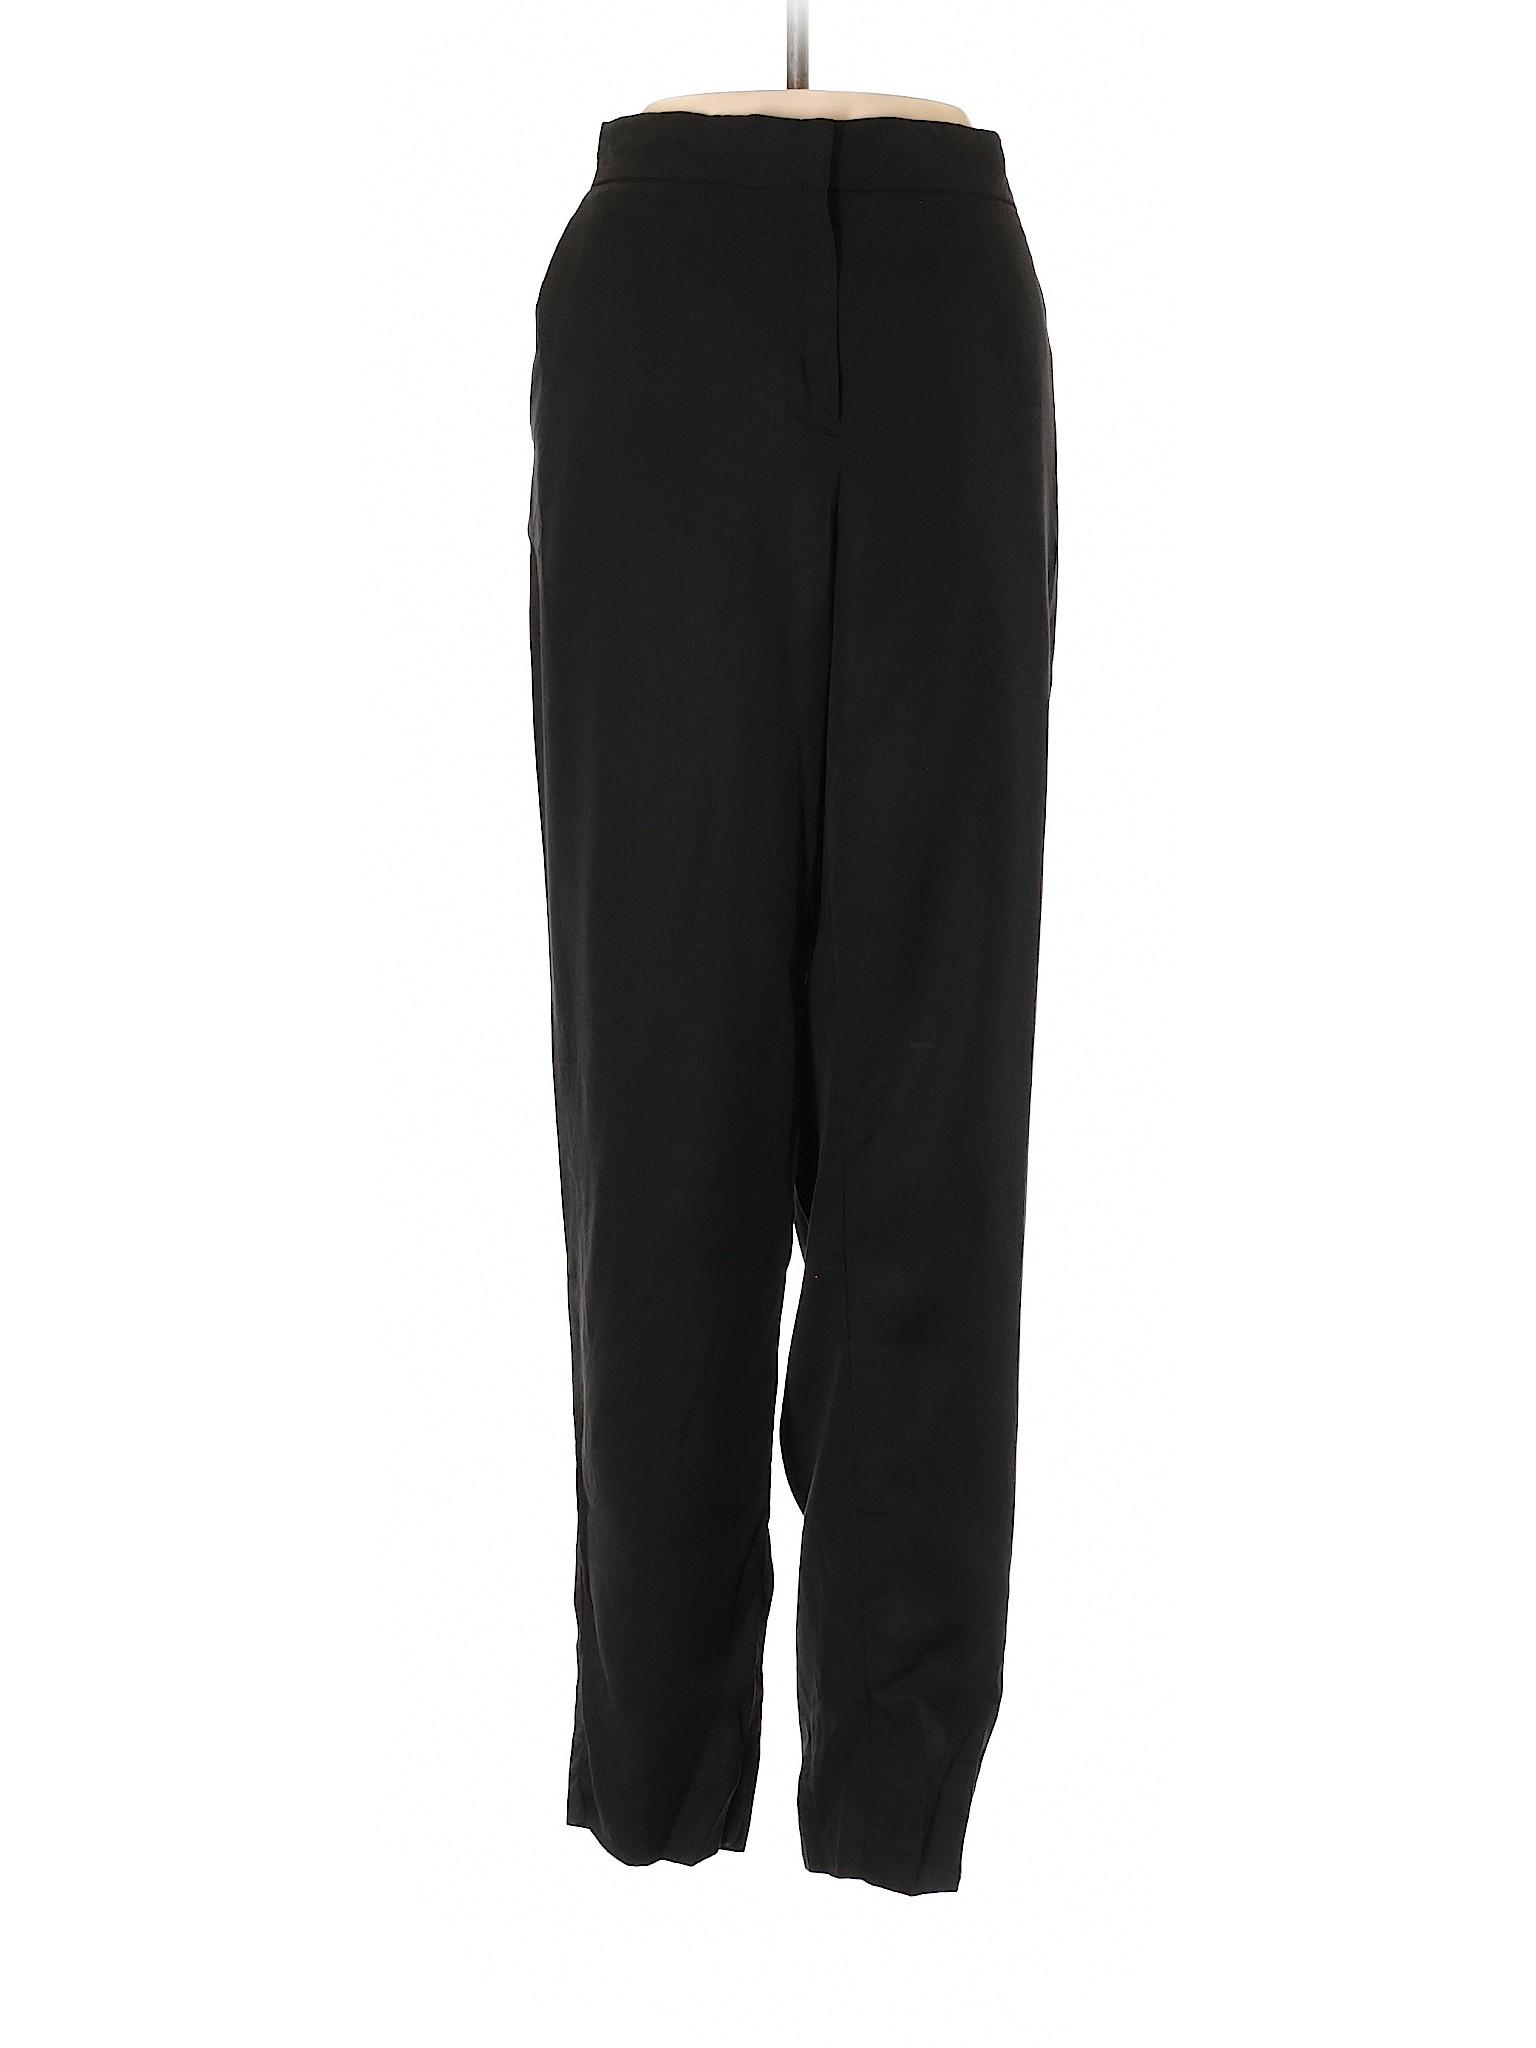 Pants Casual Boutique Boutique winter winter Gap qzvxHw